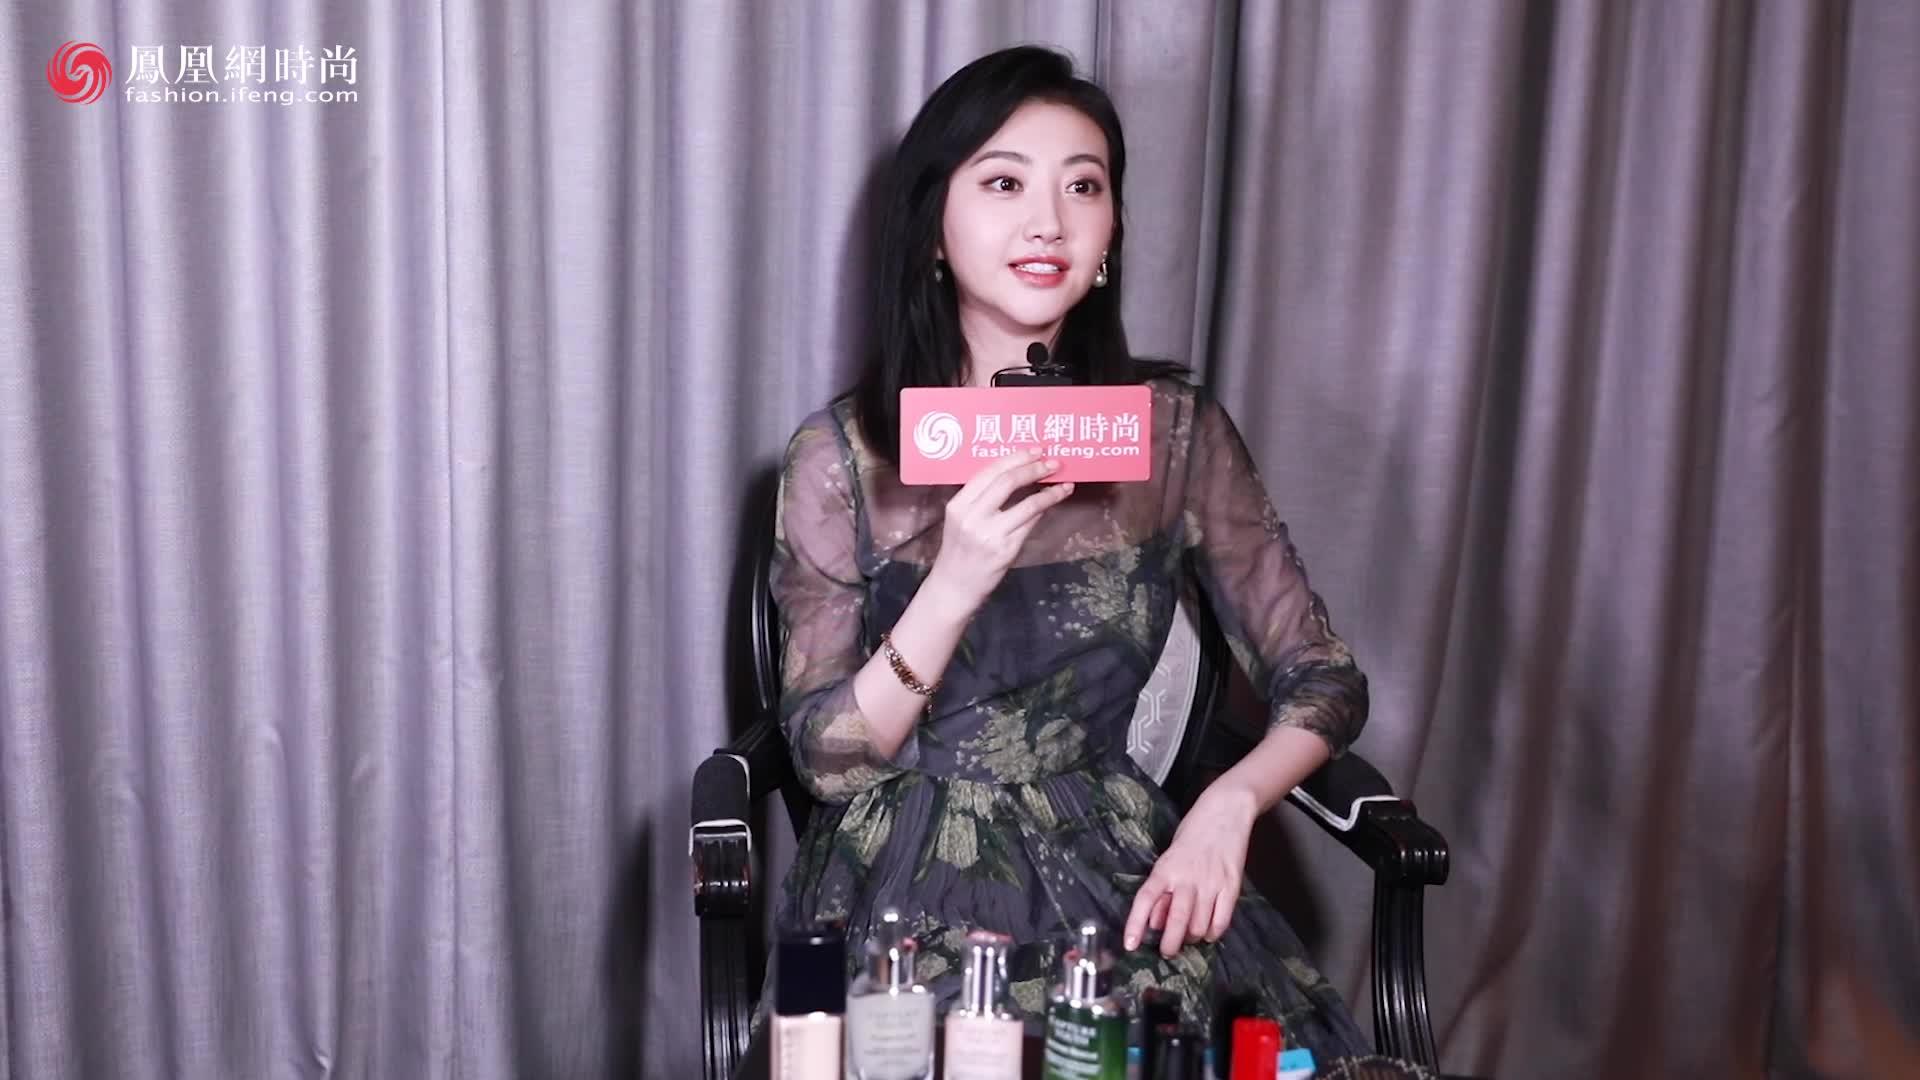 凤凰网时尚专访景甜